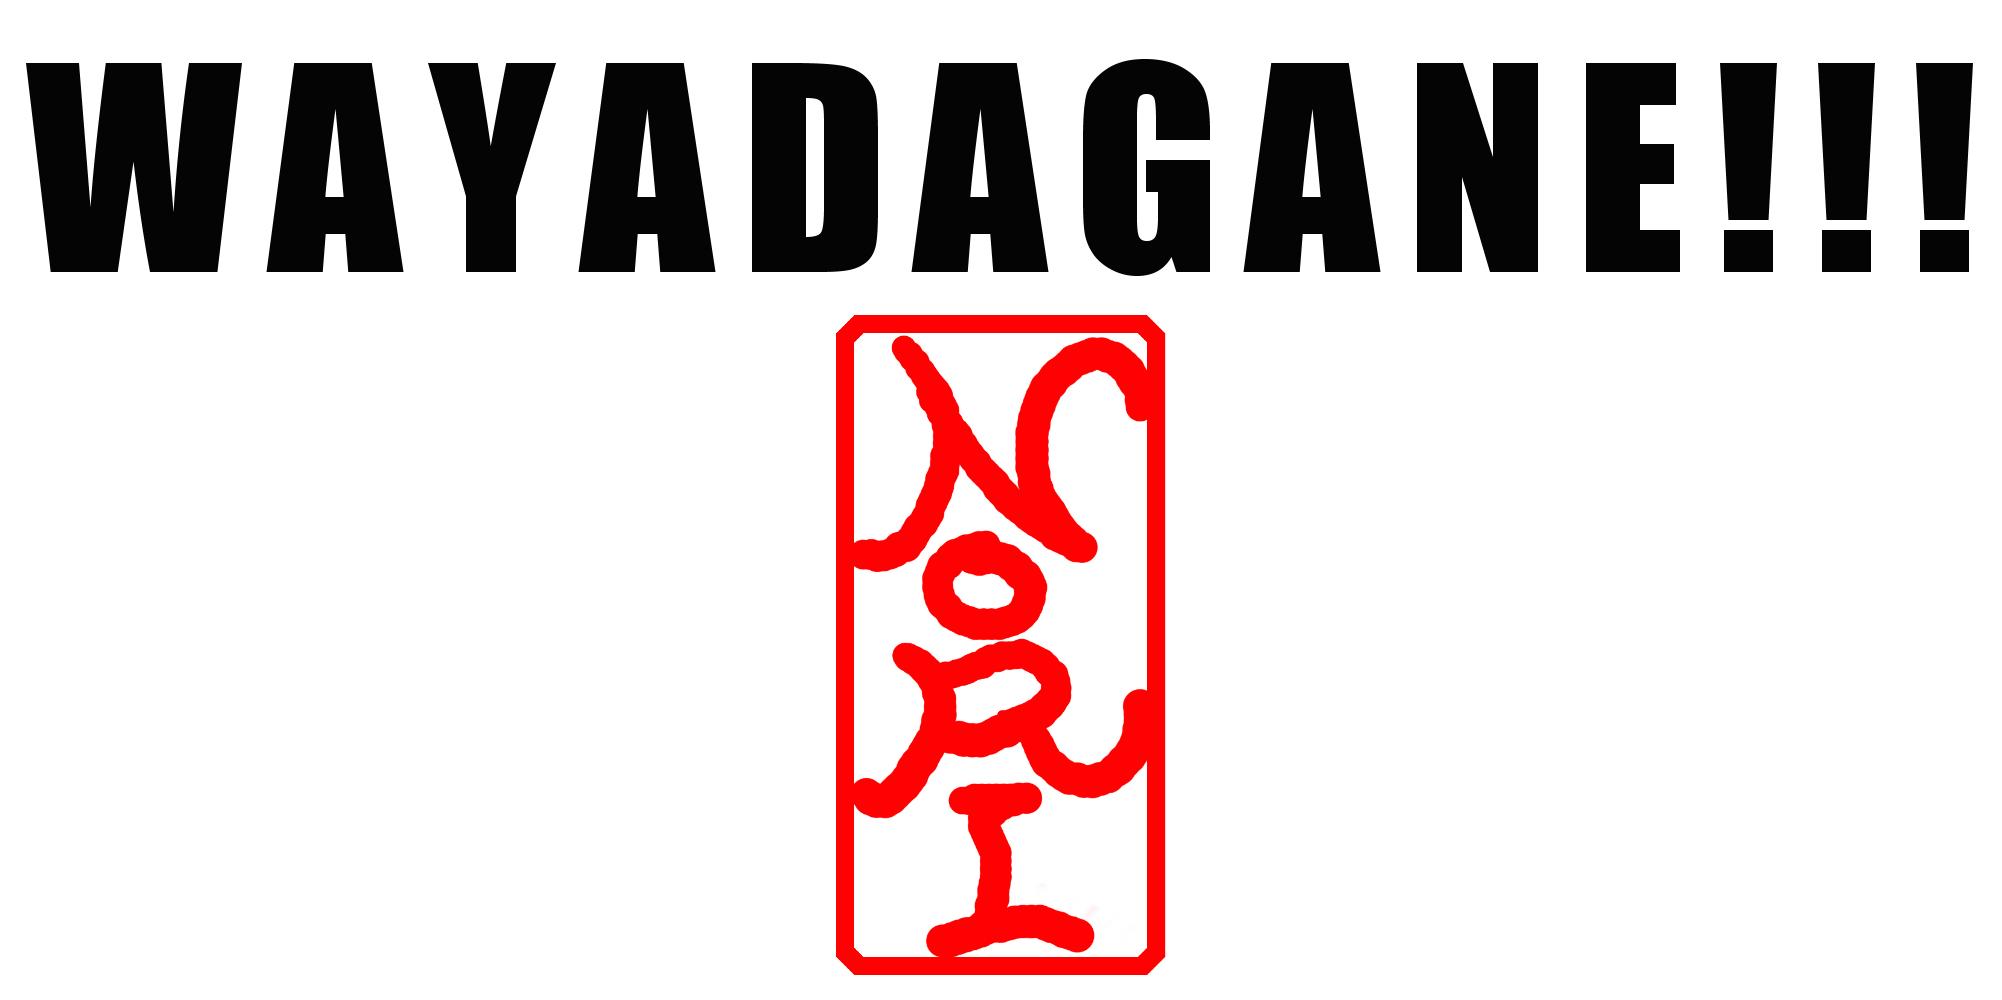 WAYADAGANE